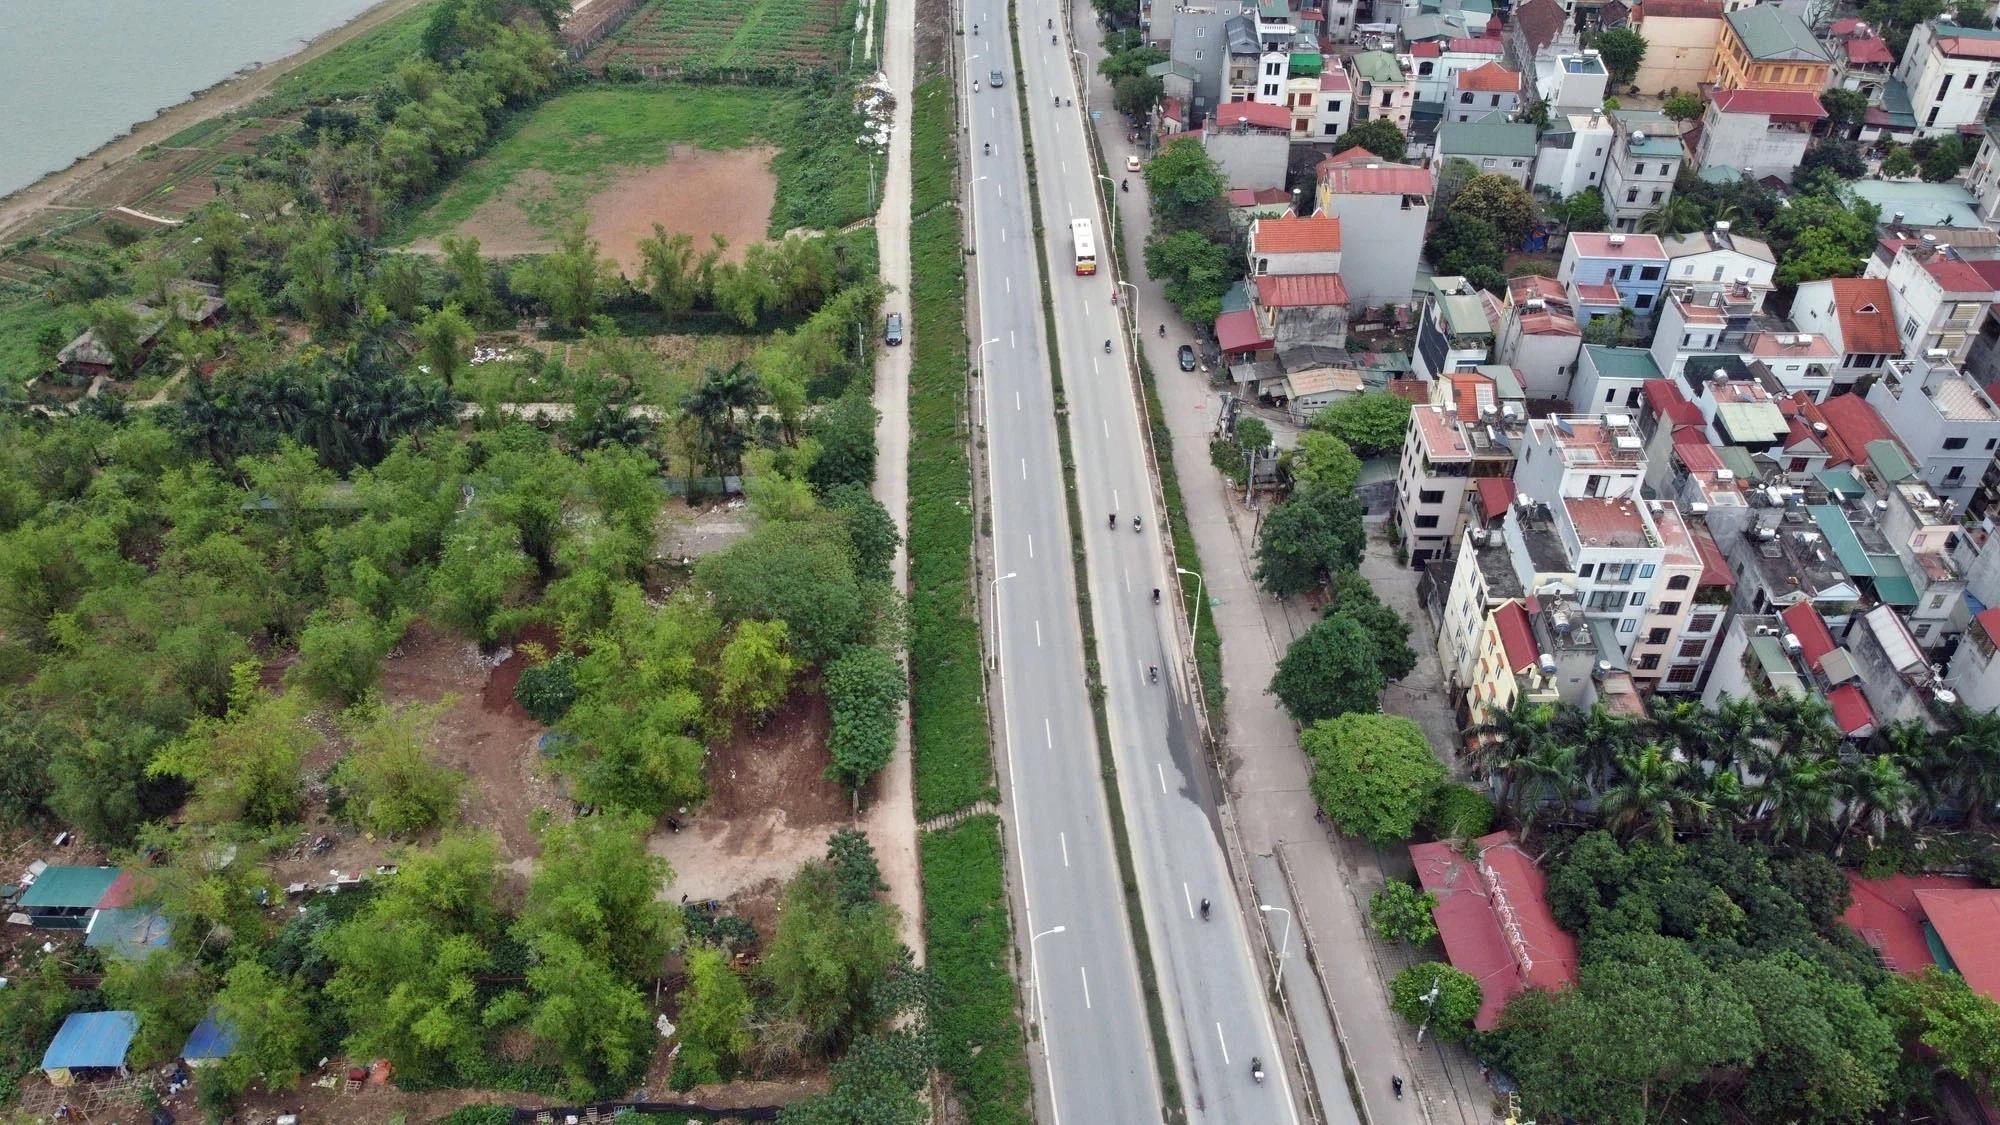 Toàn cảnh hiện trạng Phân khu đô thị sông Hồng trên địa bàn quận Tây Hồ - Ảnh 6.